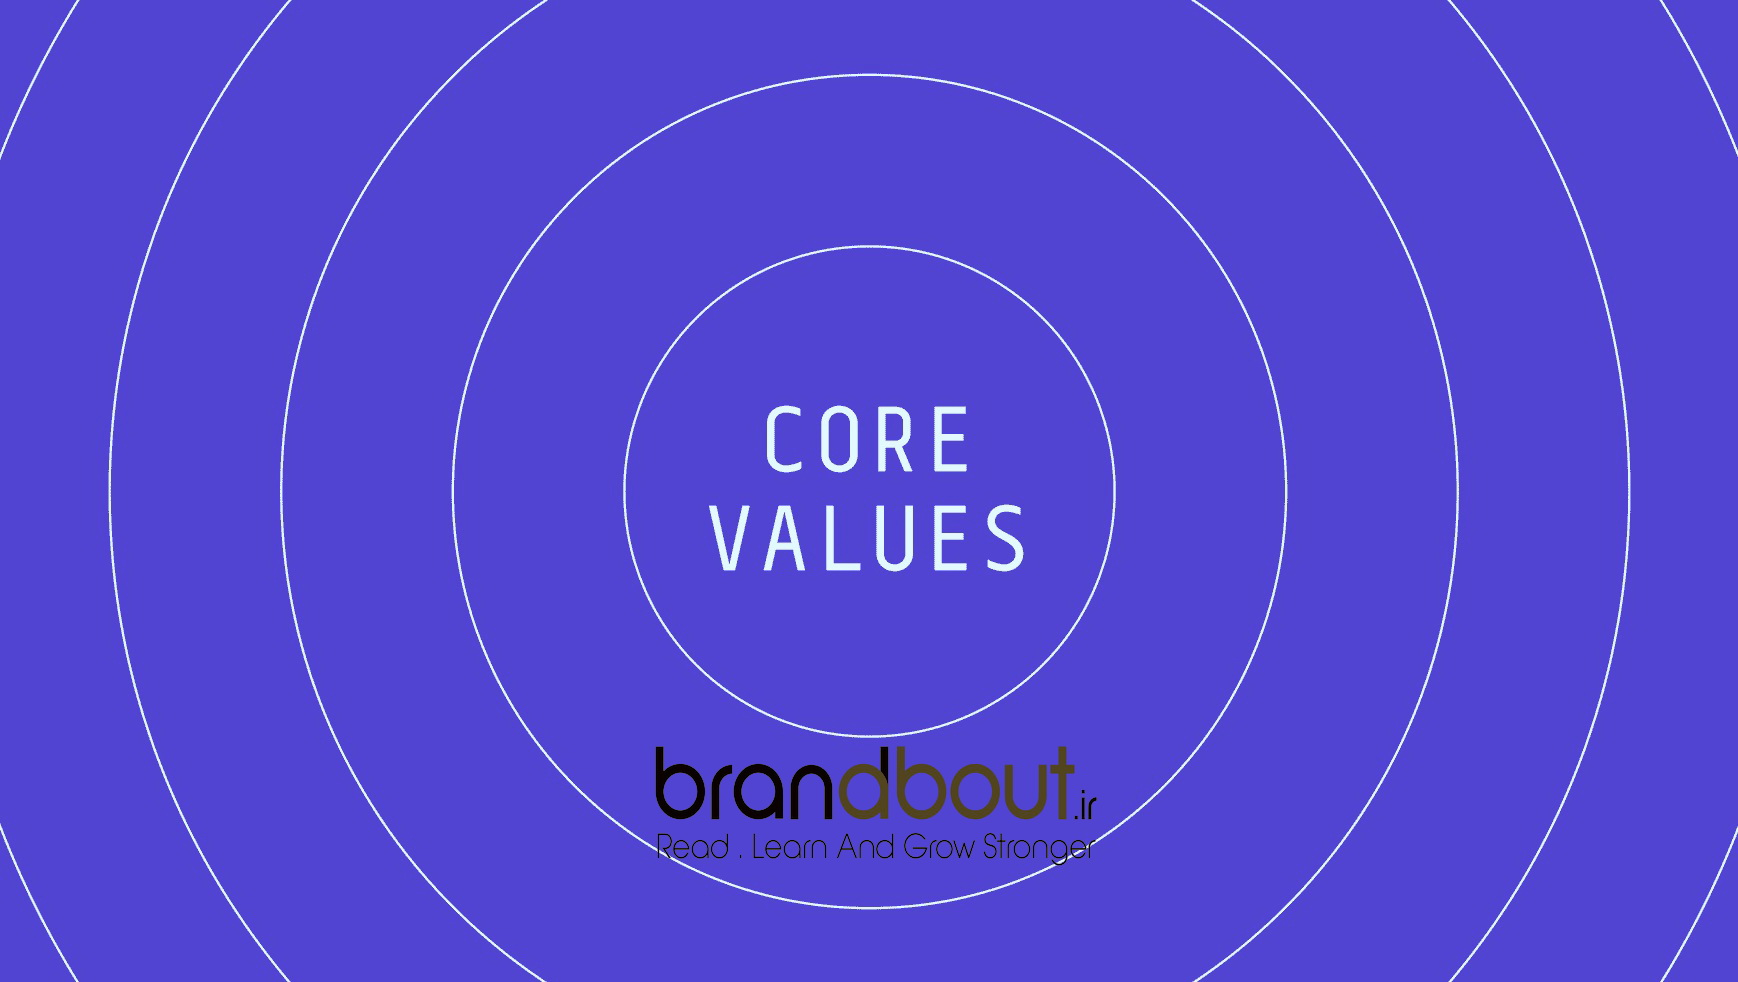 ارزش های اصلی برند